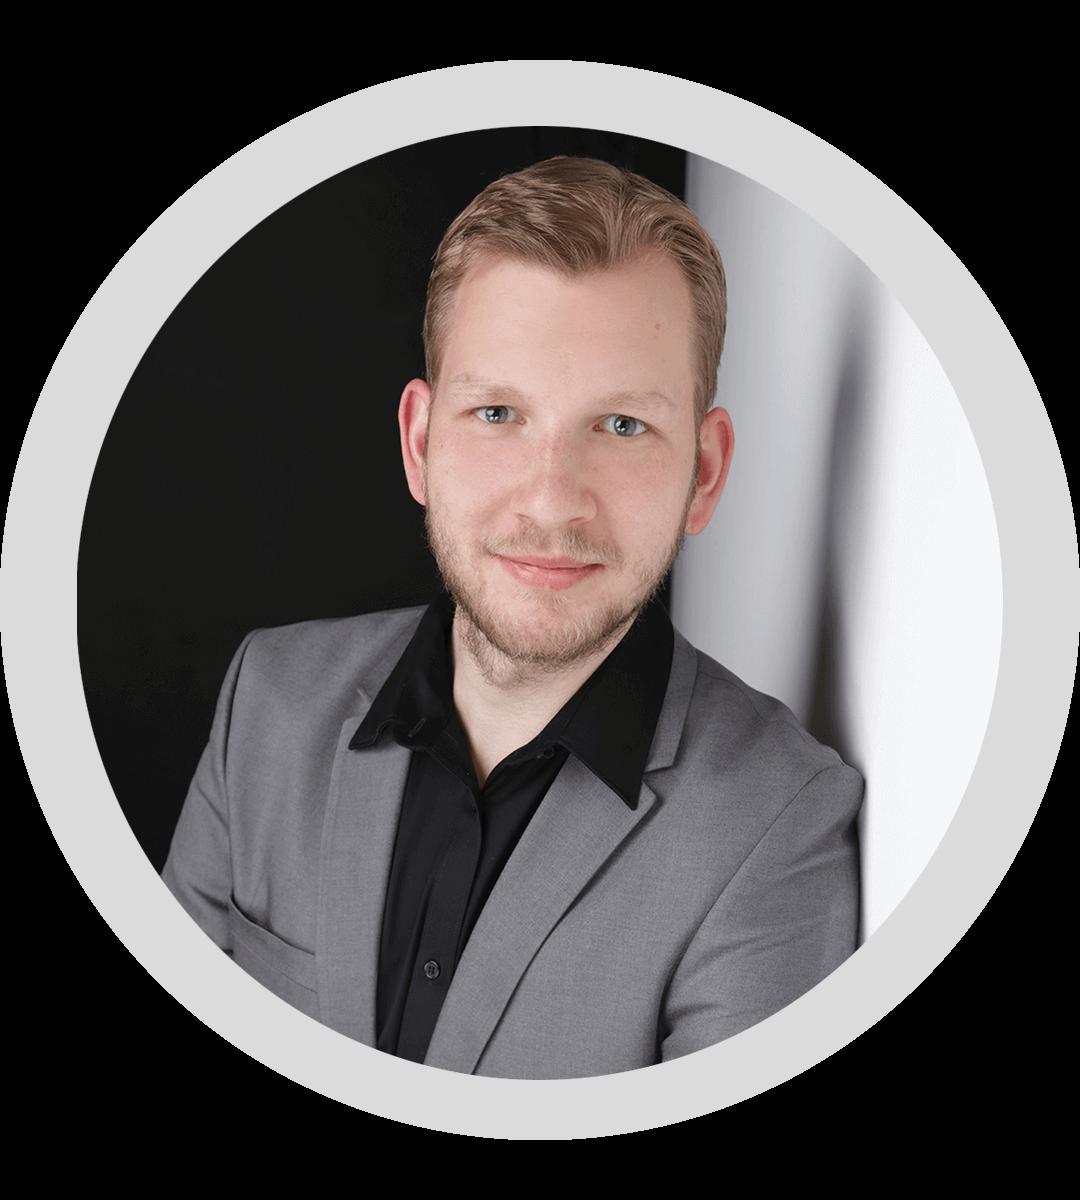 Dennis Jantsch - Digital und Business Coach aus Köln